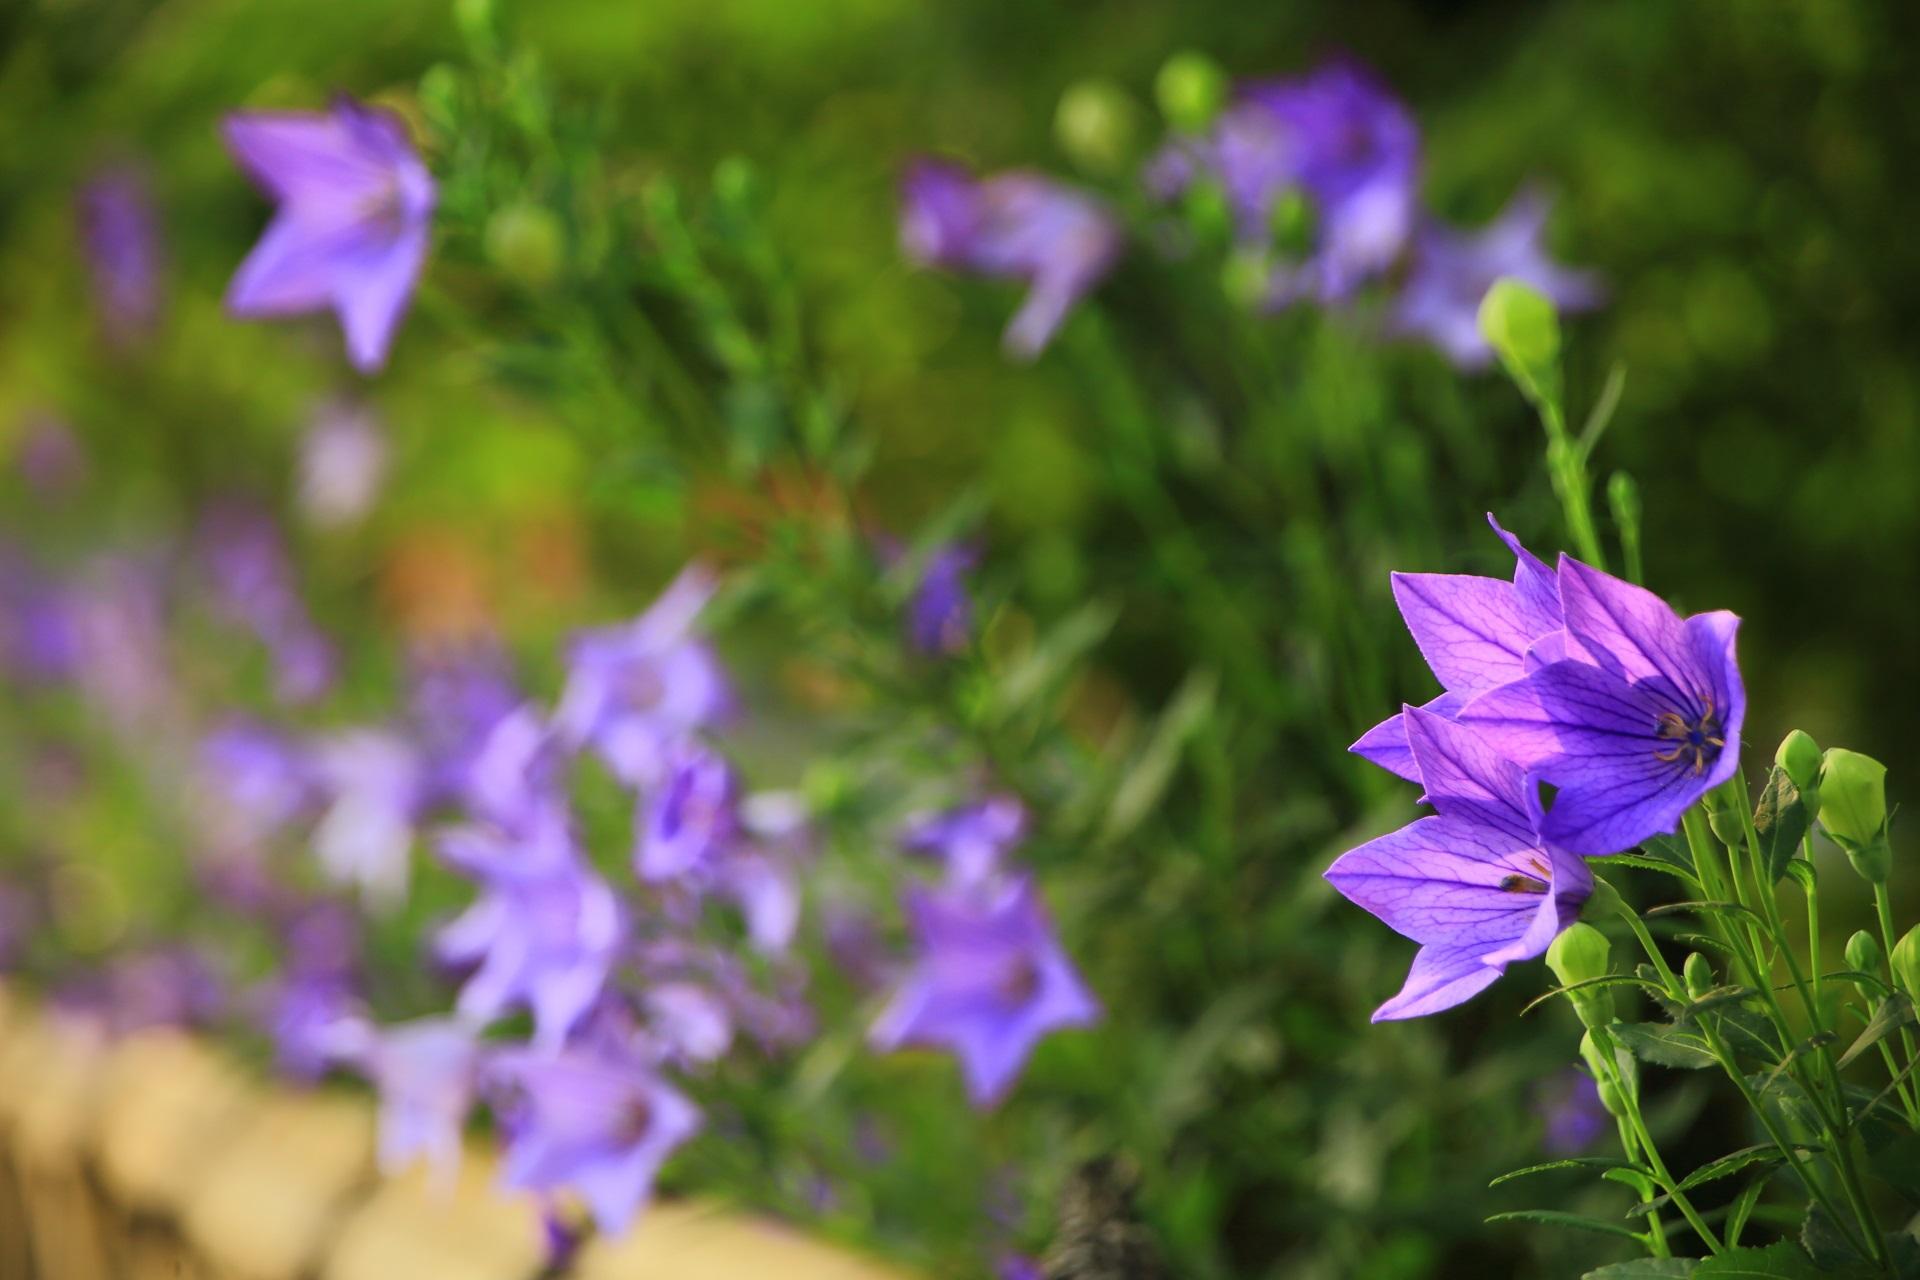 日が当たり透きとおる紫の桔梗の花